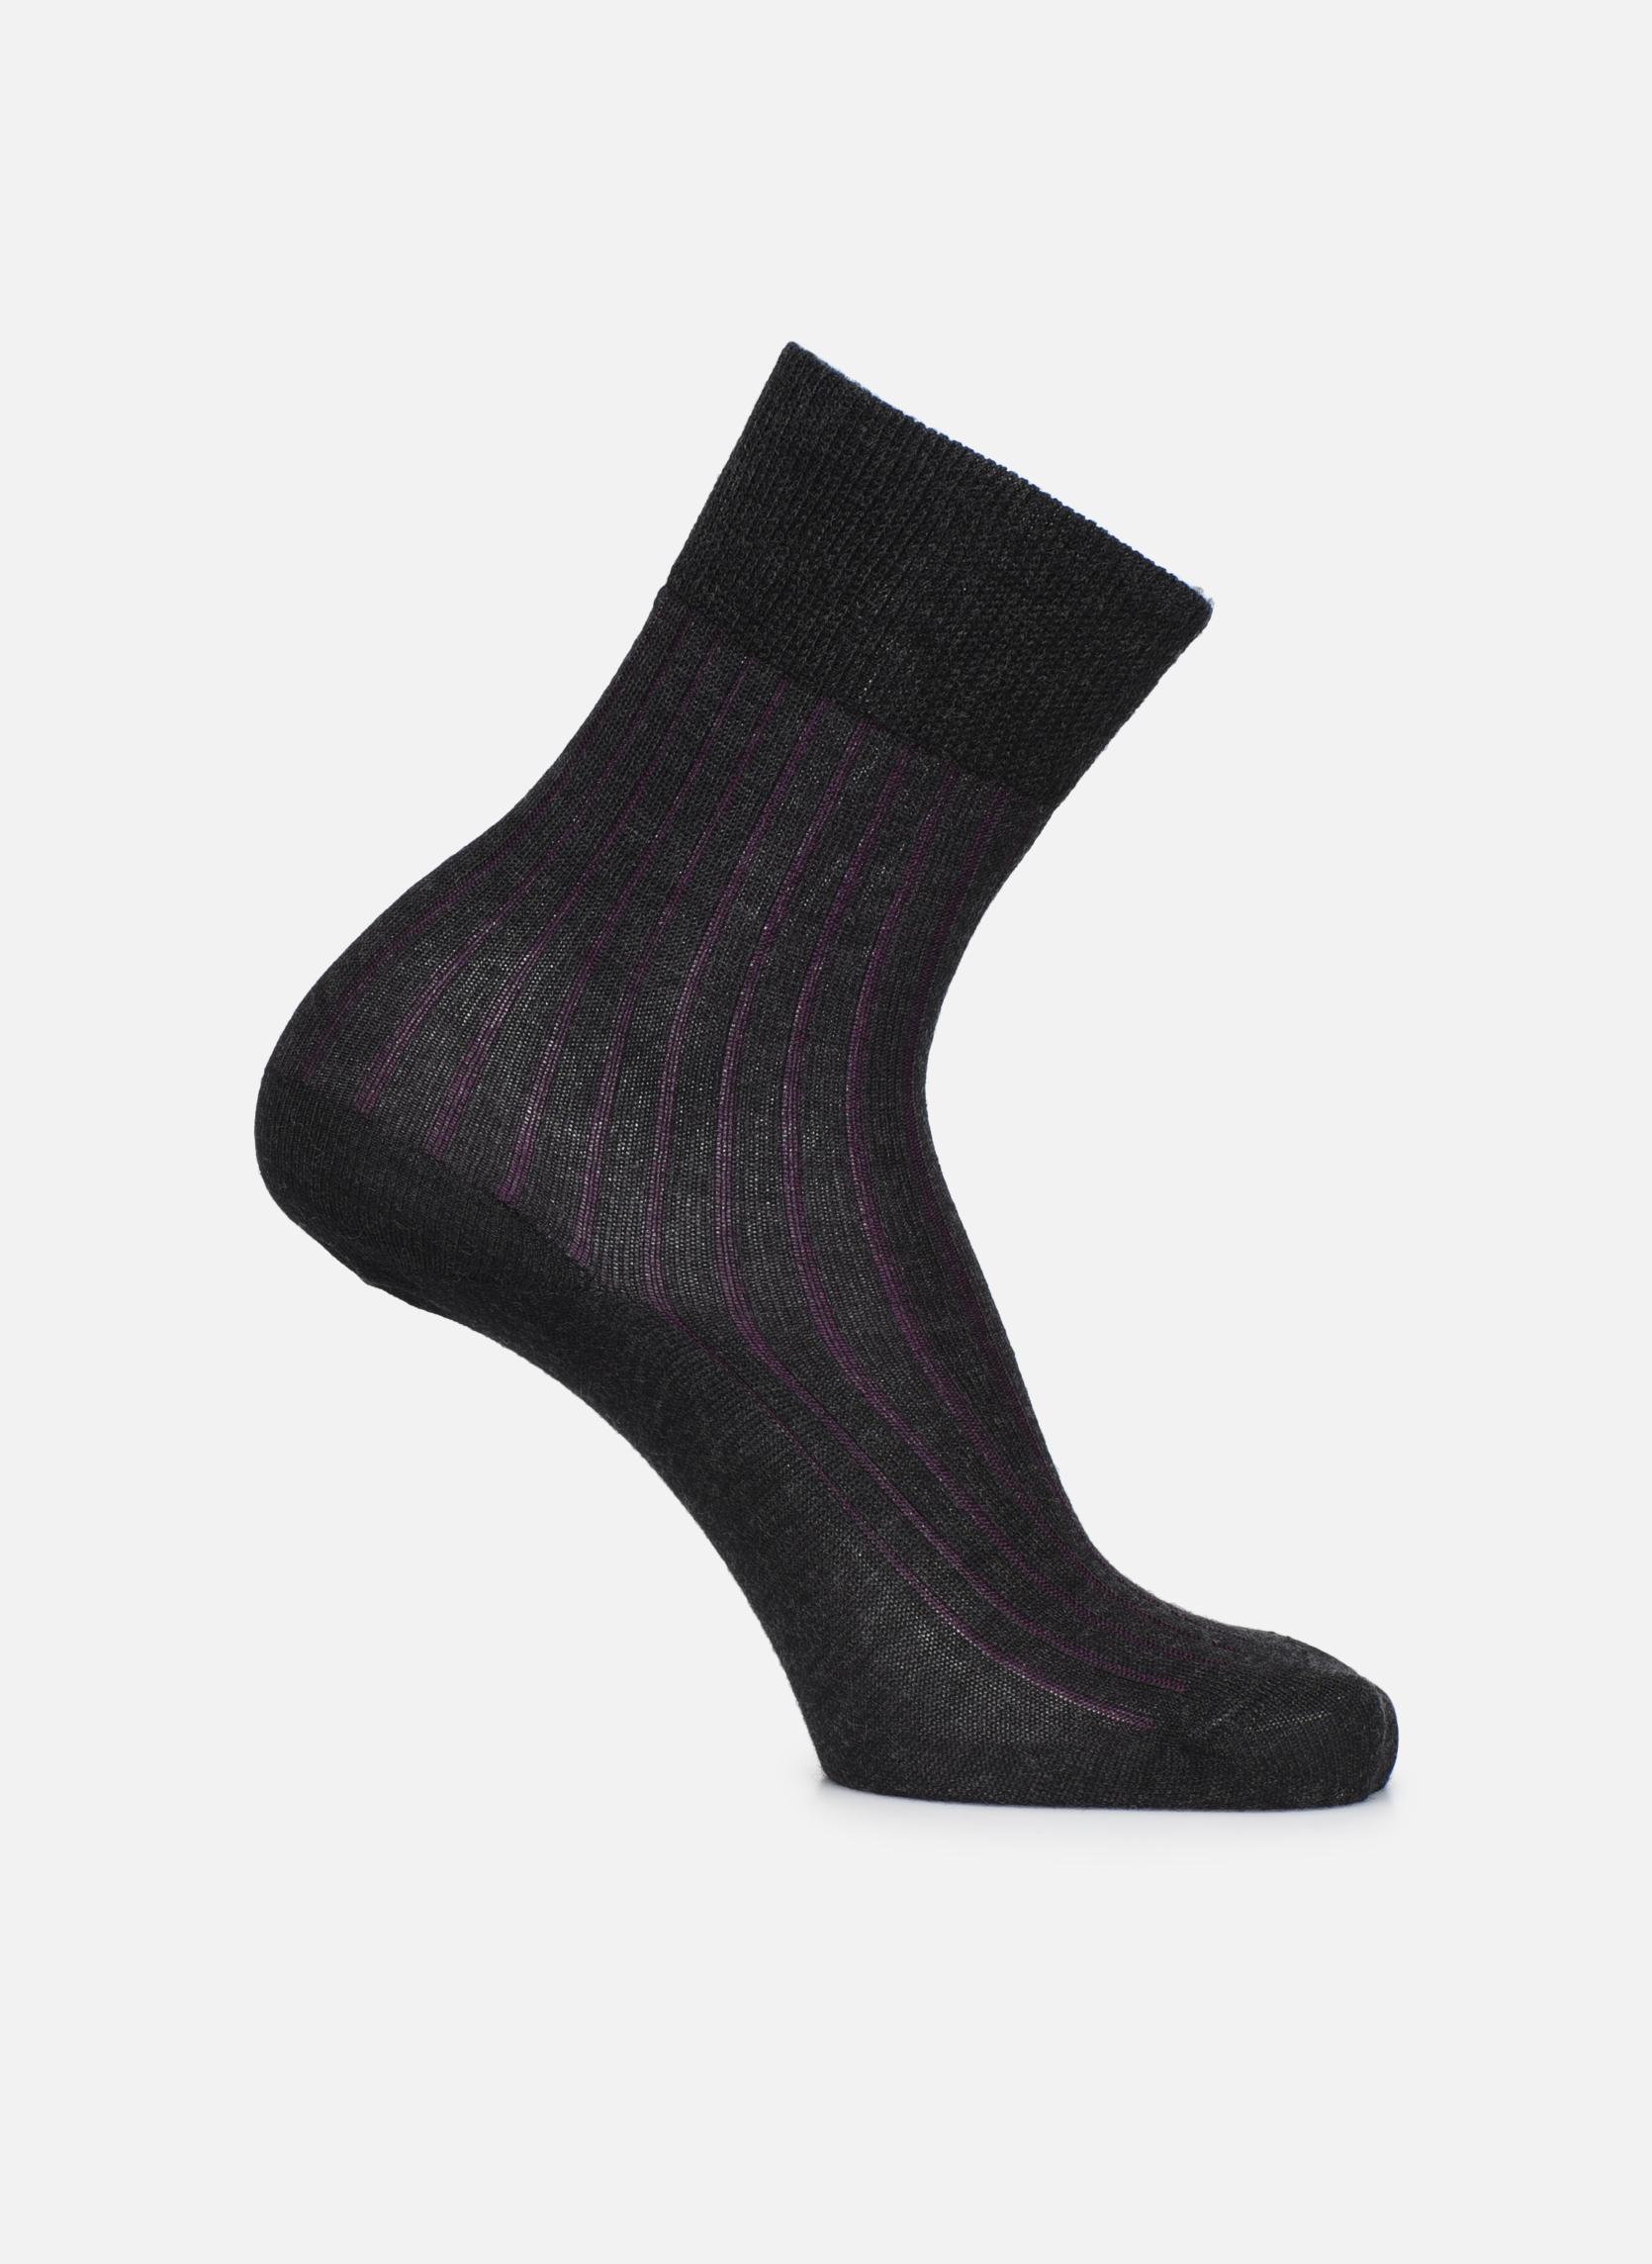 Chaussettes SUBTILE 030 - gris / rouge